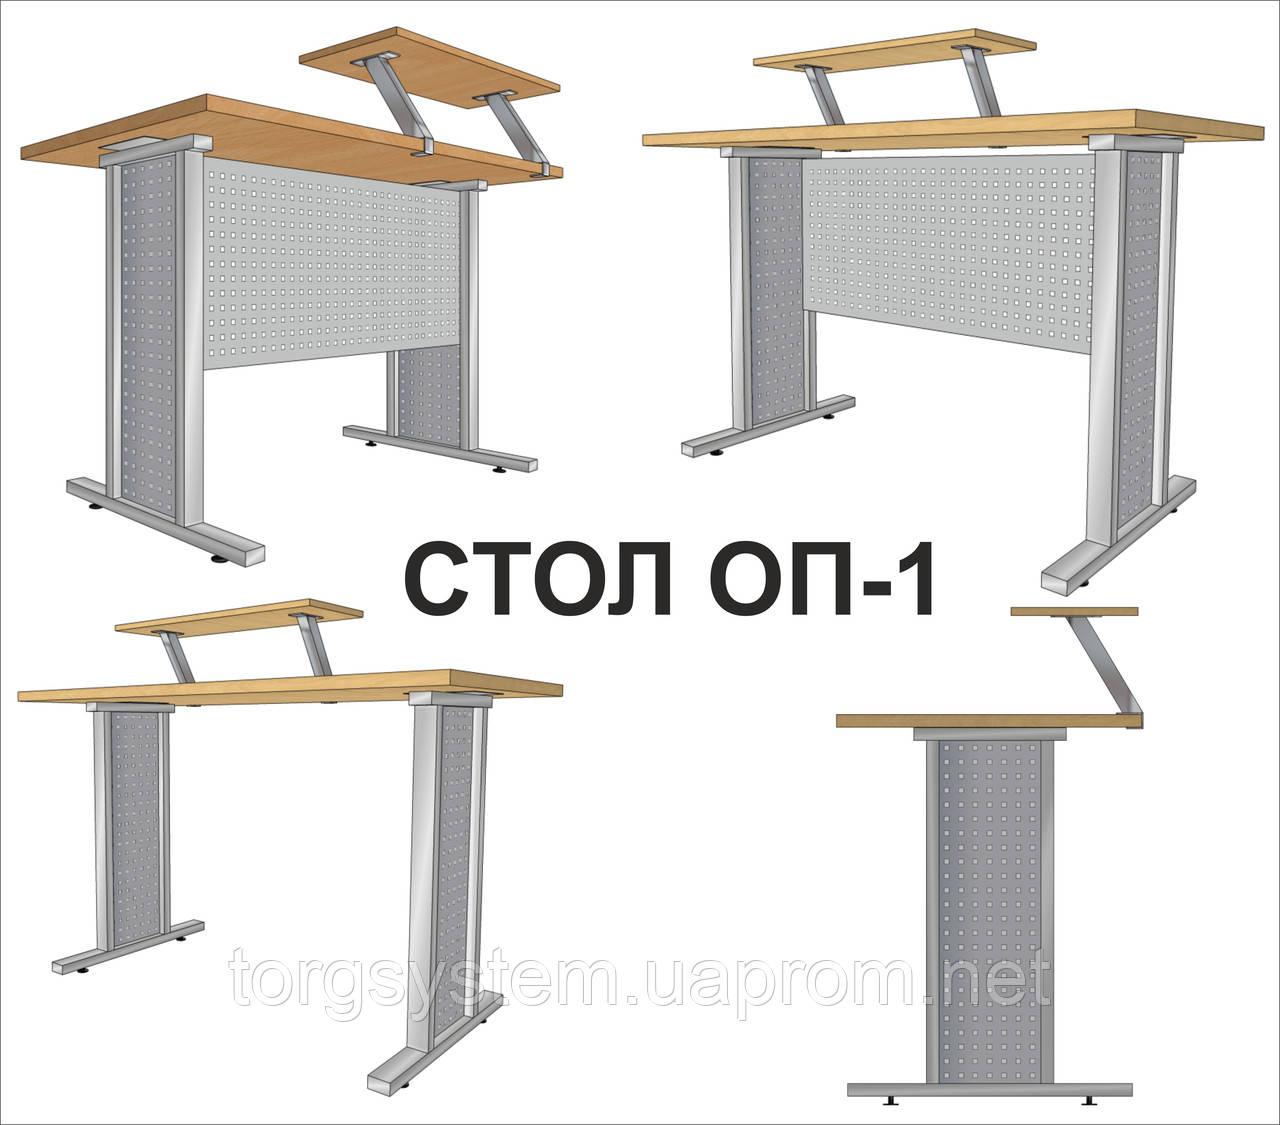 Стол офисный с перфорацией